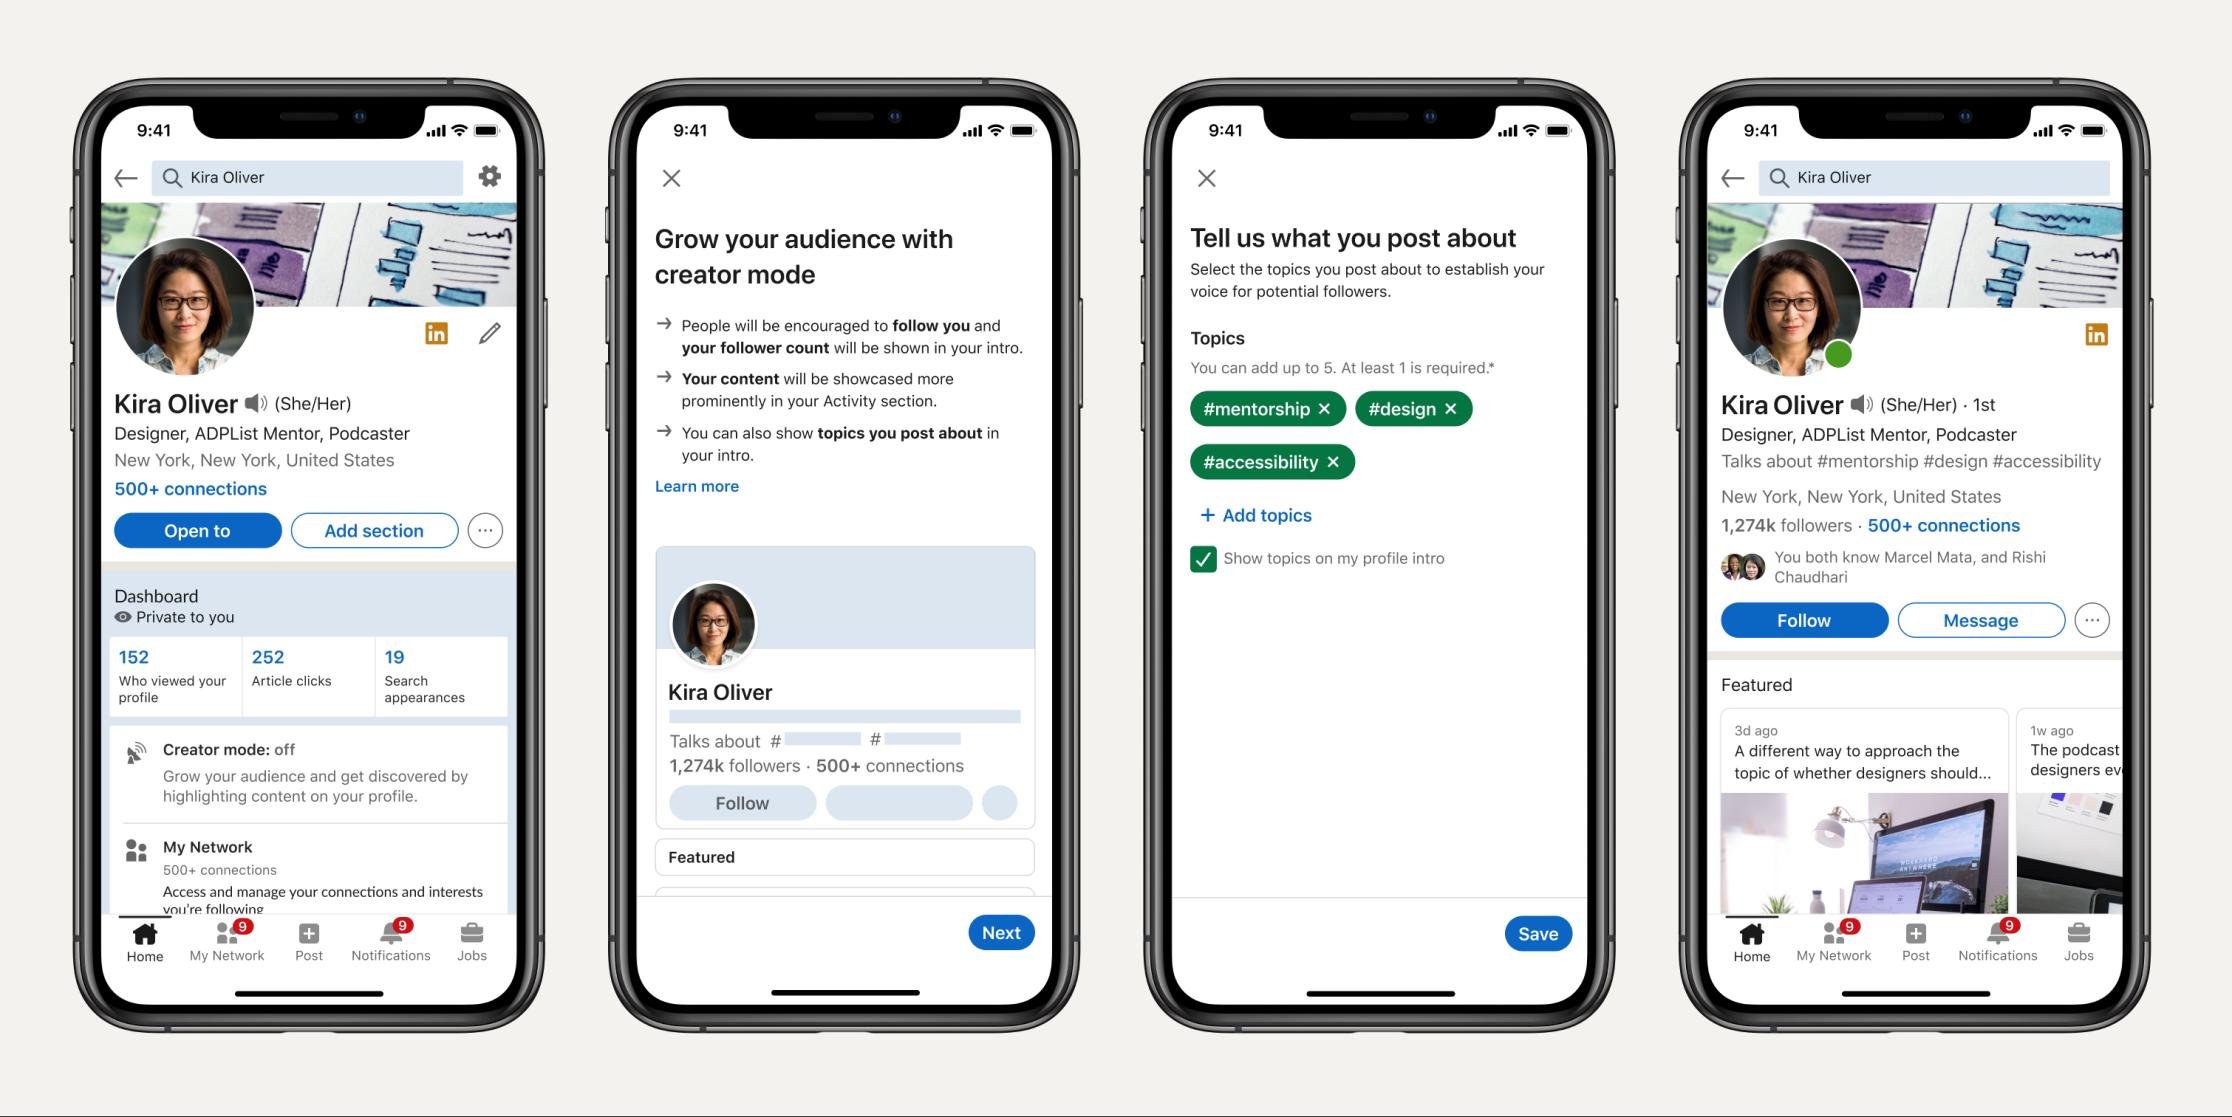 LinkedIn heeft de 'Creator Mode' gemaakt zodat je een community kunt opbouwen van je volgers